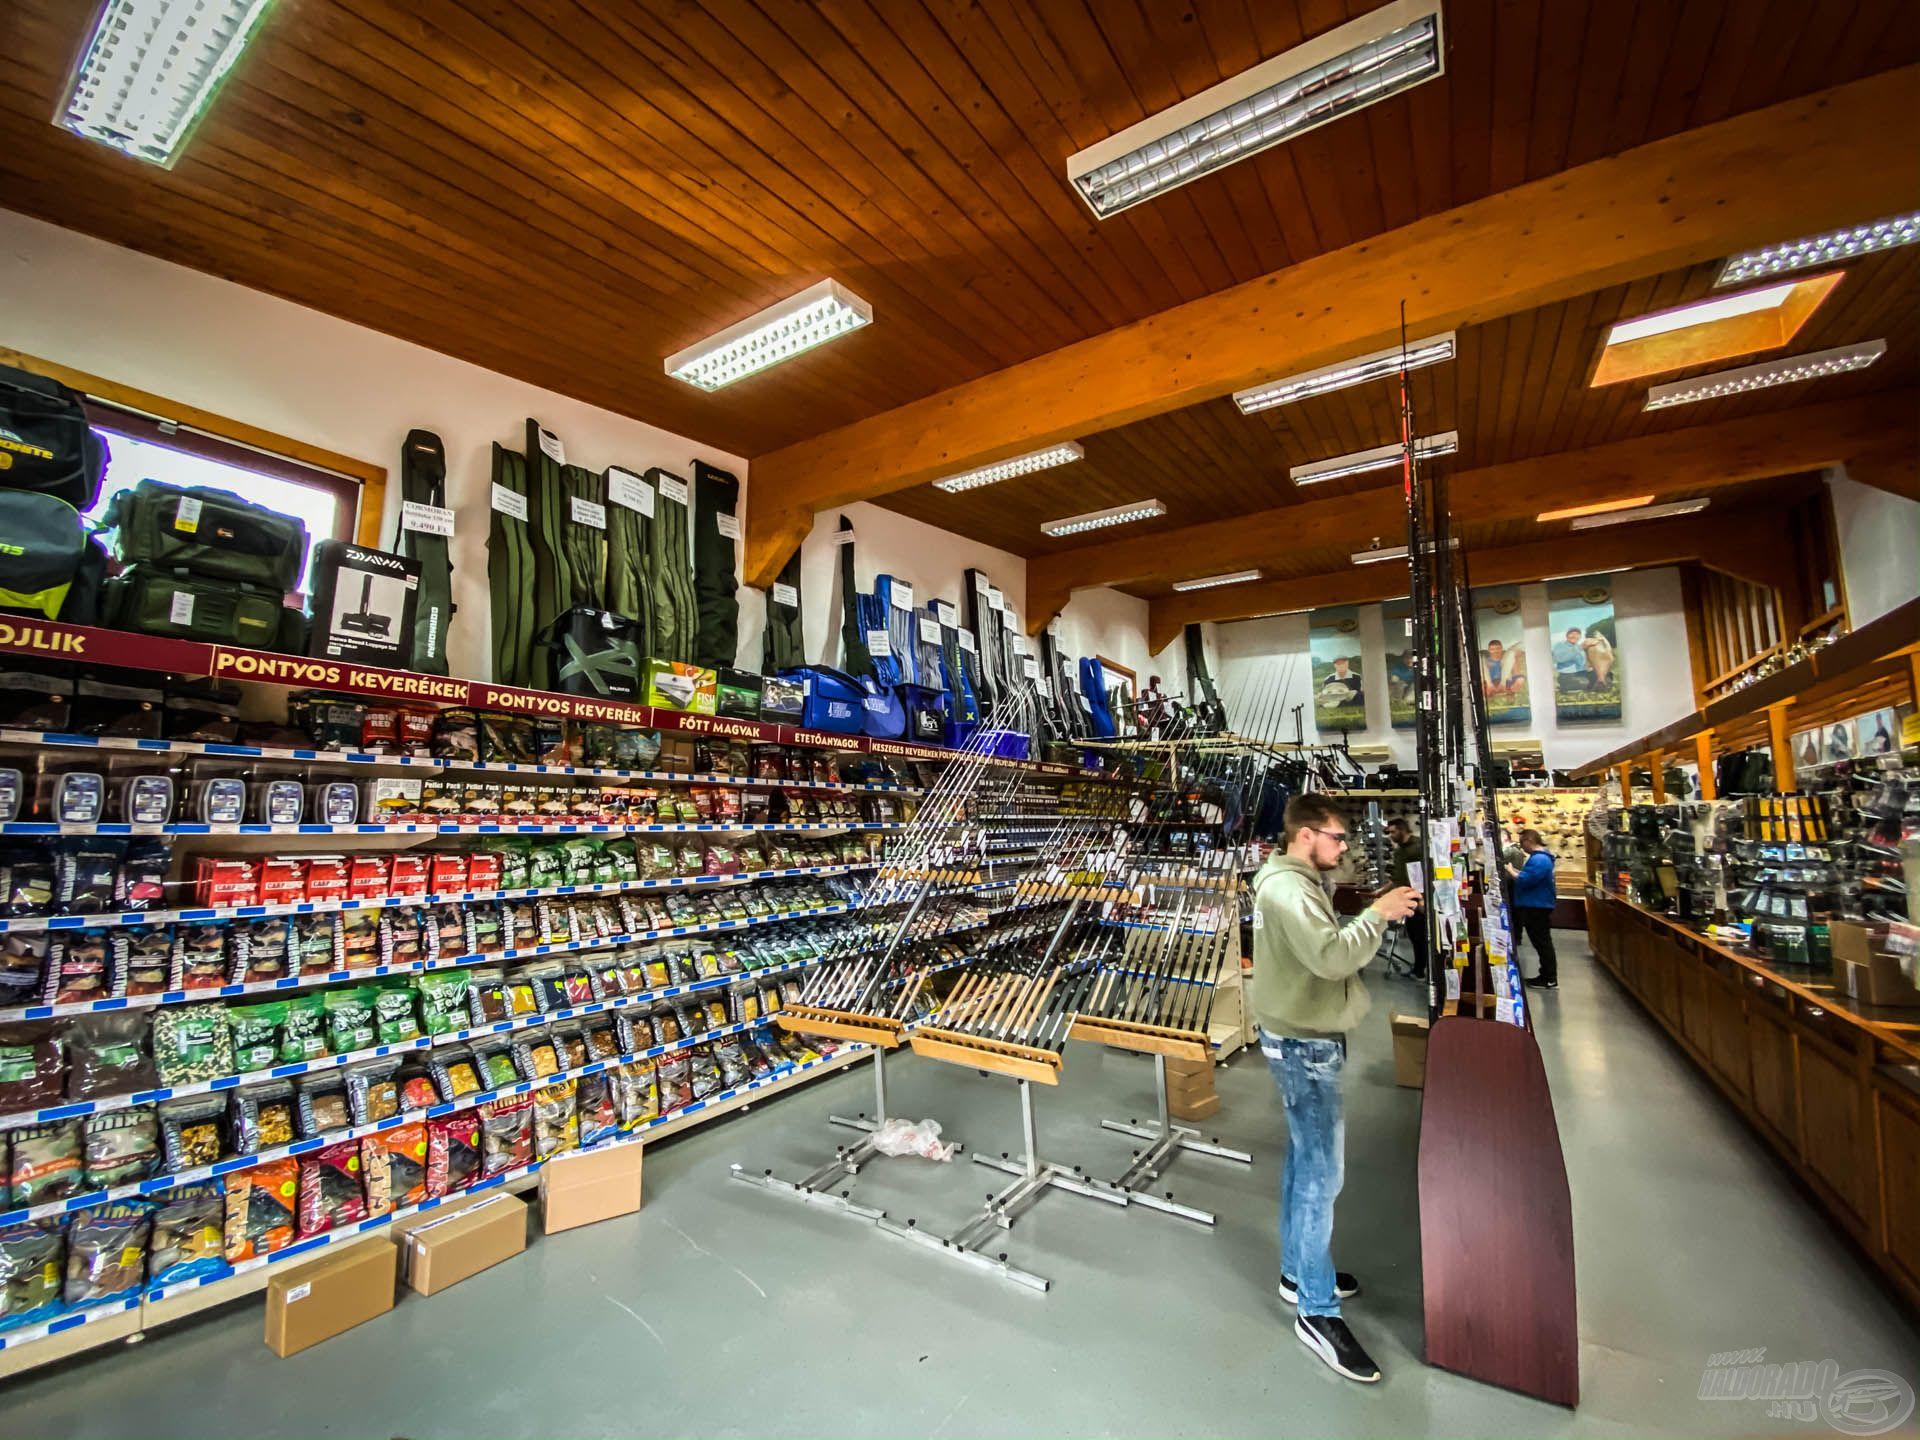 Gőzerővel dolgozunk az előkészületeken, a bolt belső területe ilyenkor átalakul, hogy még kényelmesebben tudja fogadni az ide érkezőket